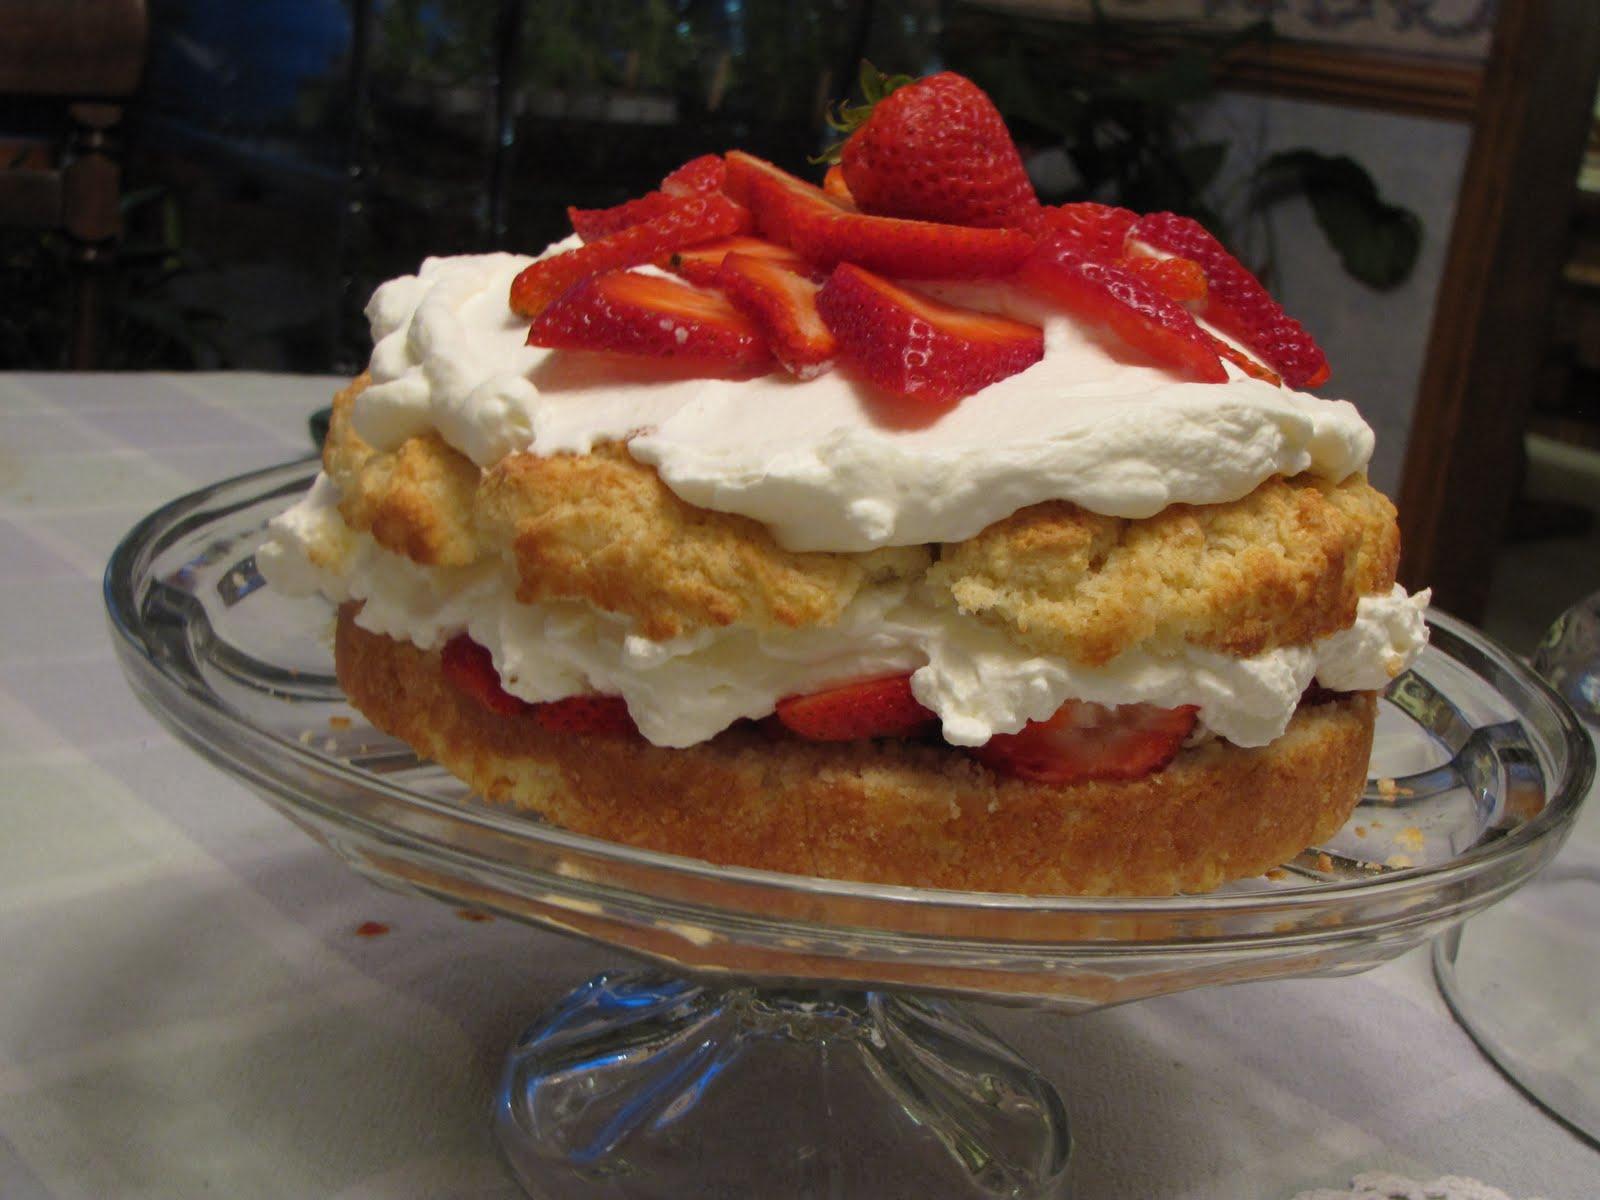 http://4.bp.blogspot.com/-1-IboNi4JNQ/Ta3xc_BaloI/AAAAAAAAABg/gc1haTlDad4/s1600/cakes+%2526+cookies+%252710+005.jpg